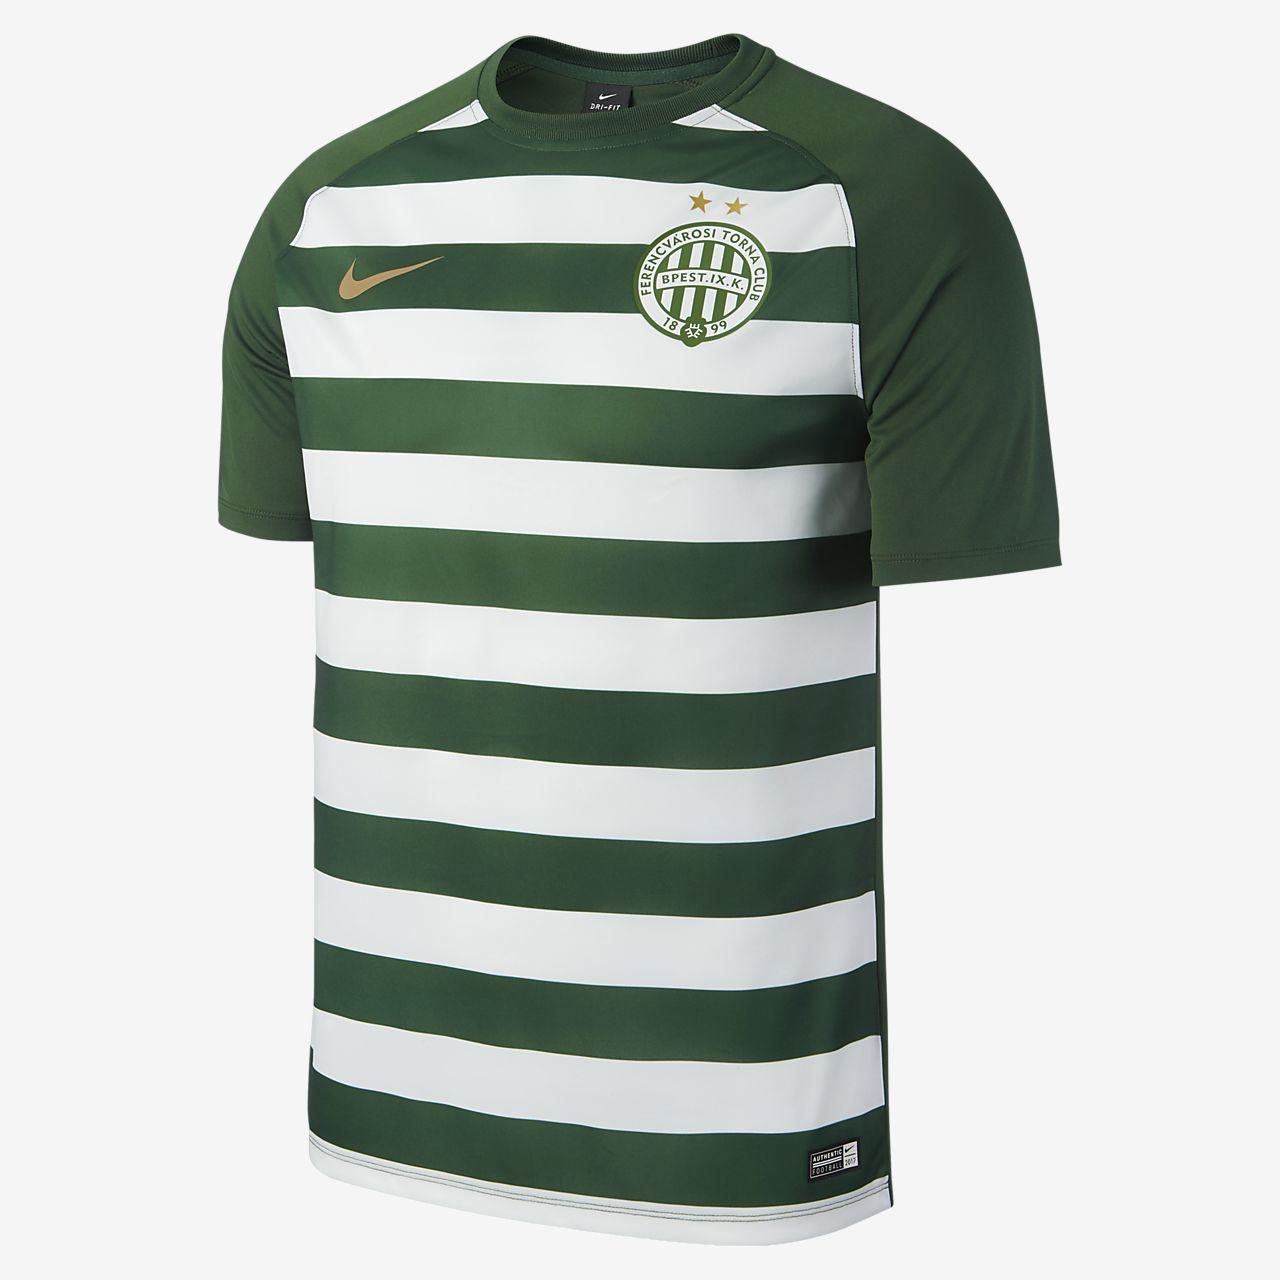 Camiseta de fútbol para hombre Ferencvarosi TC de local para aficionados, temporada 2017/18